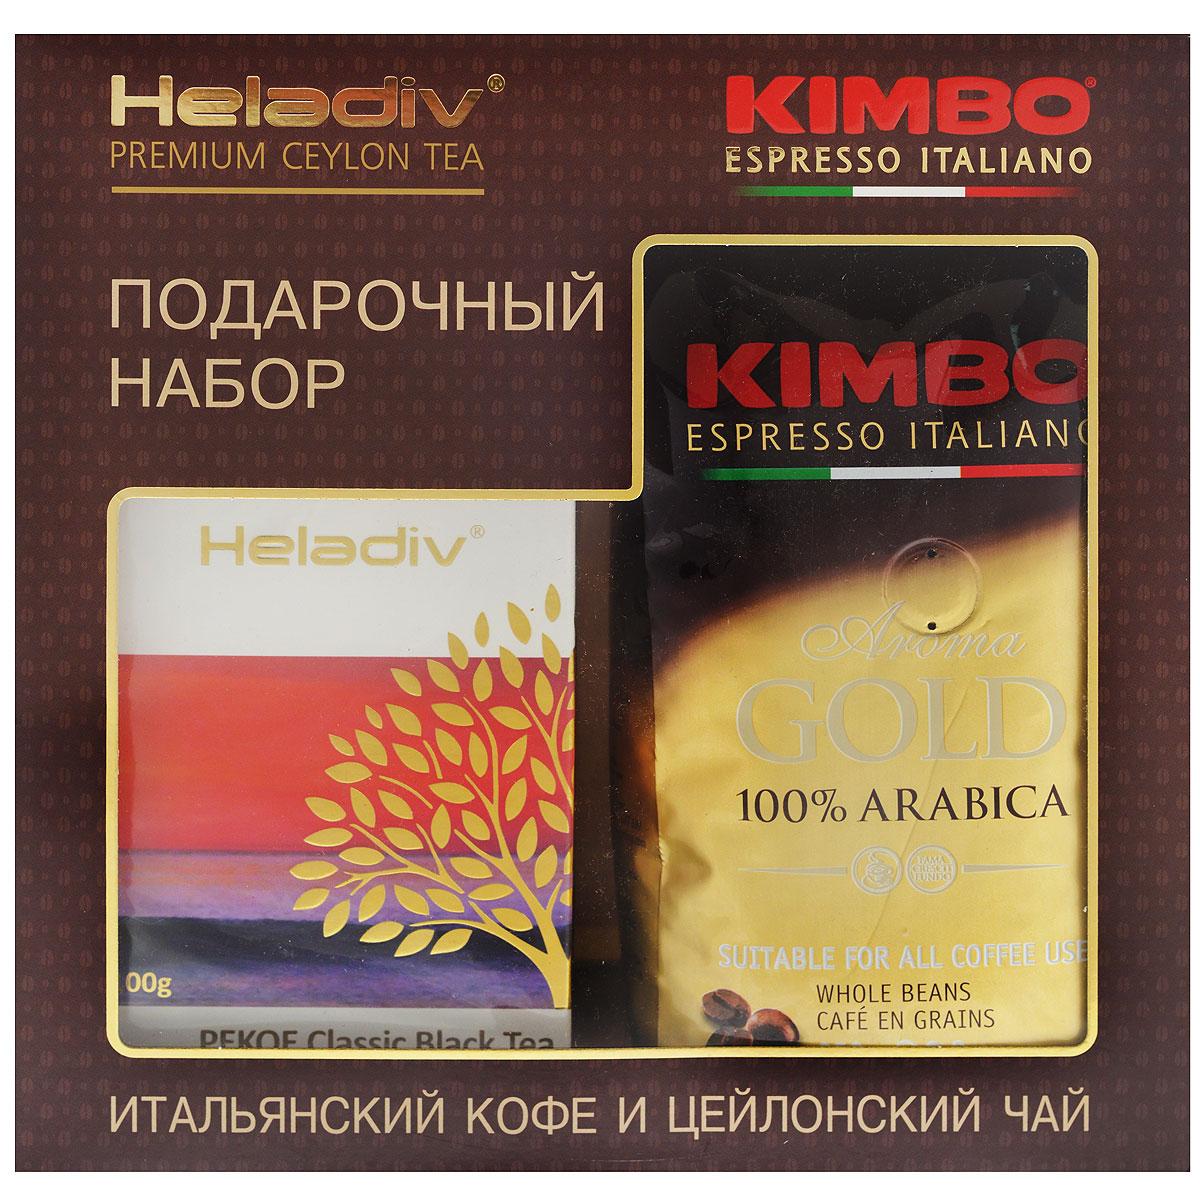 Heladiv Pekoe черный чай 100 г + Kimbo Aroma Gold 250 г кофе в зернах (подарочный набор)0120710Подарочный набор, состоящий из черного чая Heladiv Pekoe и превосходного зернового кофе легкой обжарки Kimbo Aroma Gold не оставит равнодушными истинных ценителей итальянского кофе и цейлонского чая! Heladiv Pekoe - крепкий тонизирующий чай ПЕКО из молодых, специально скрученных верхних листьев. Хеладив ПЕКО чай самого высокого качества. Для усиления его тонизирующих свойств отборный крупный лист подвергают специальной обработке. Обладает насыщенным медным прозрачным настоем и слегка терпким вкусом. Набор включает в себя кофе в зернах Kimbo Gold Arabica (250 г) и крупнолистовой чай Heladiv pekoe (100 г).